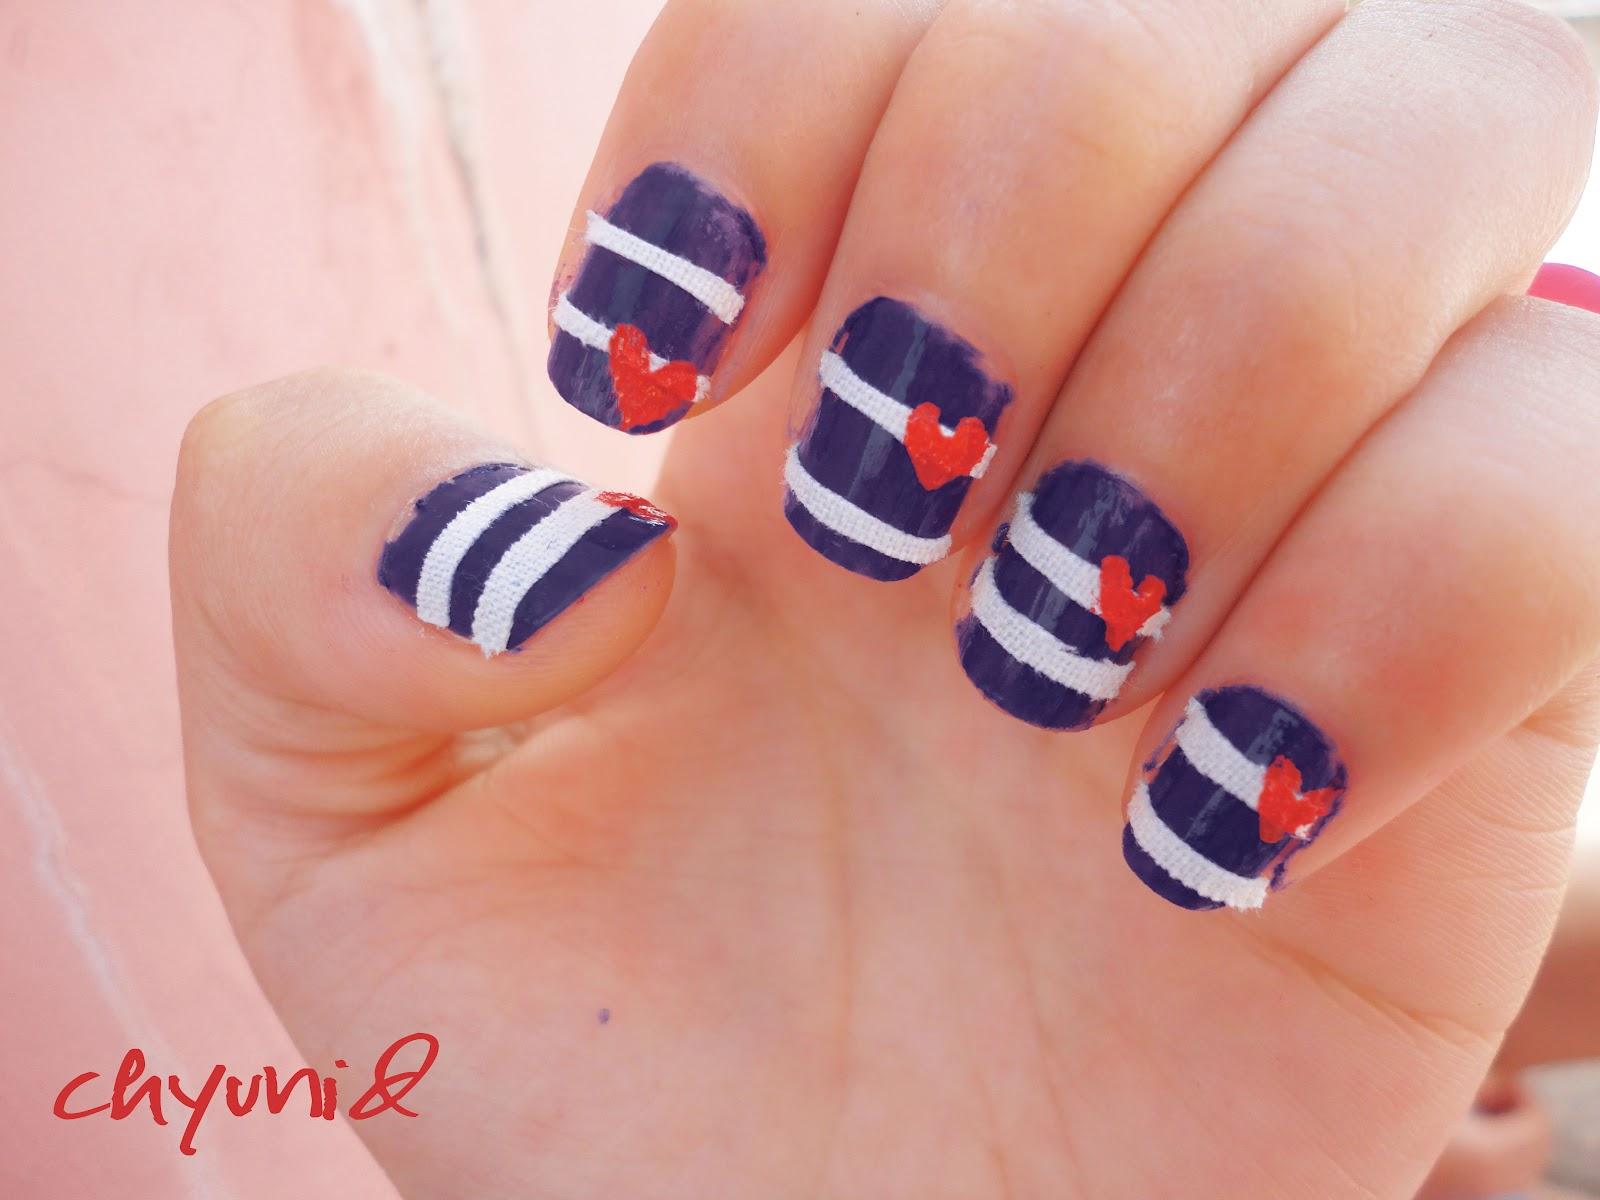 Chyunid: heart band-aid nail art tutorial